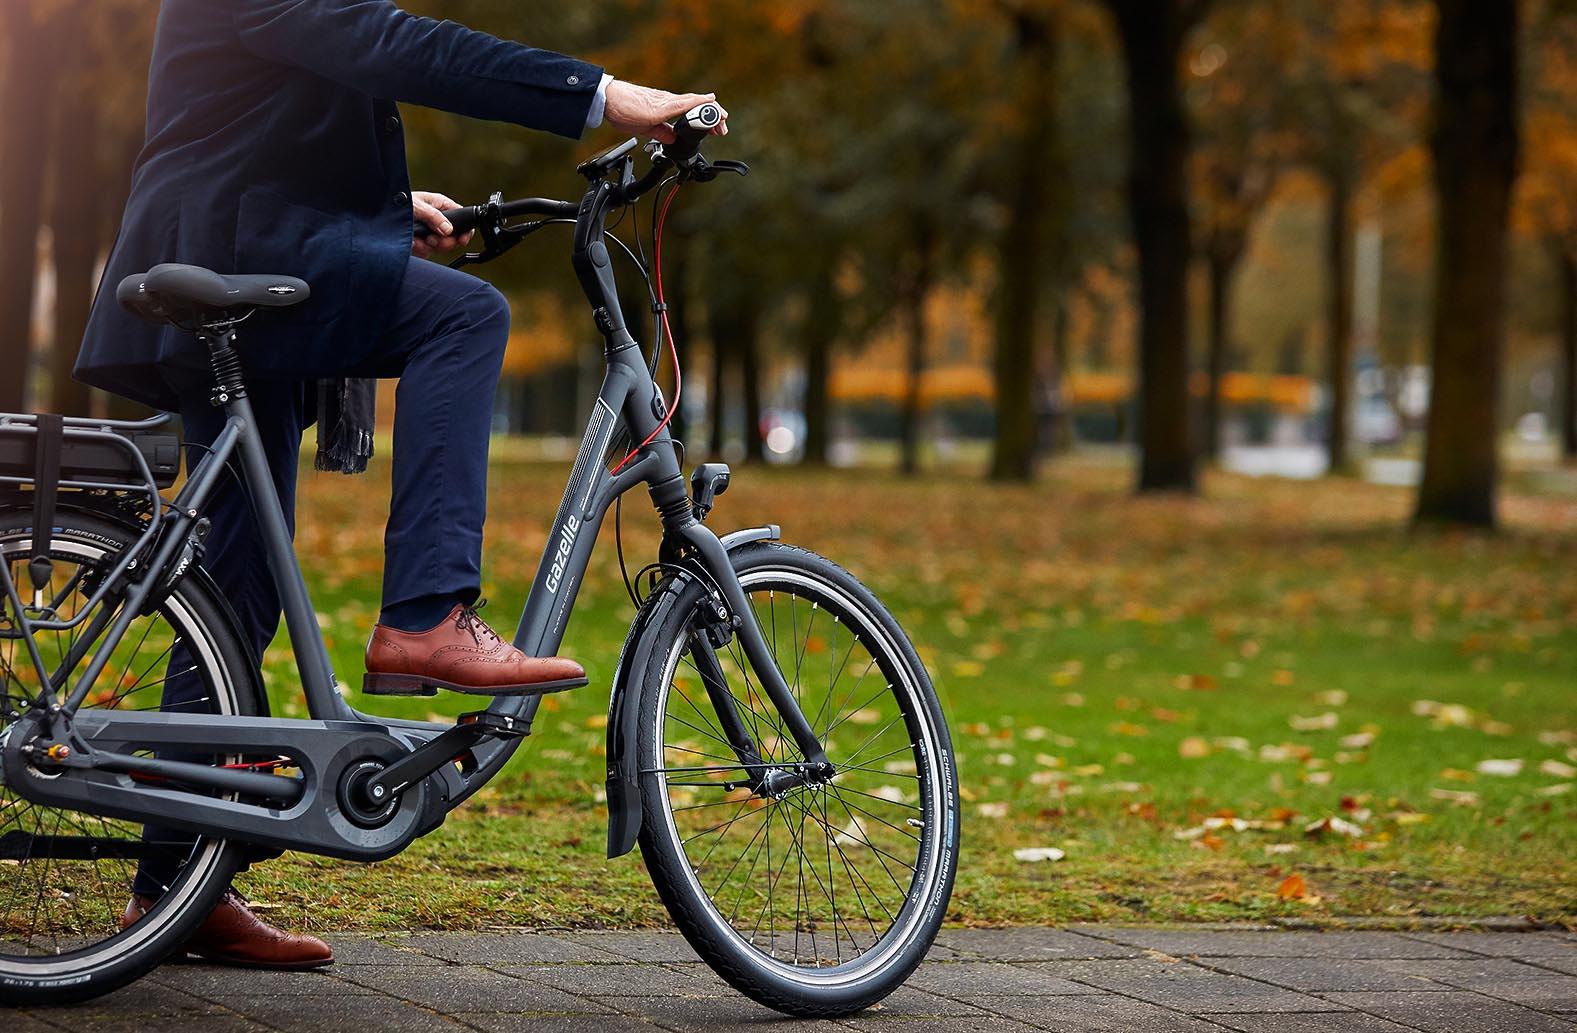 persoon op e-bike gazelle